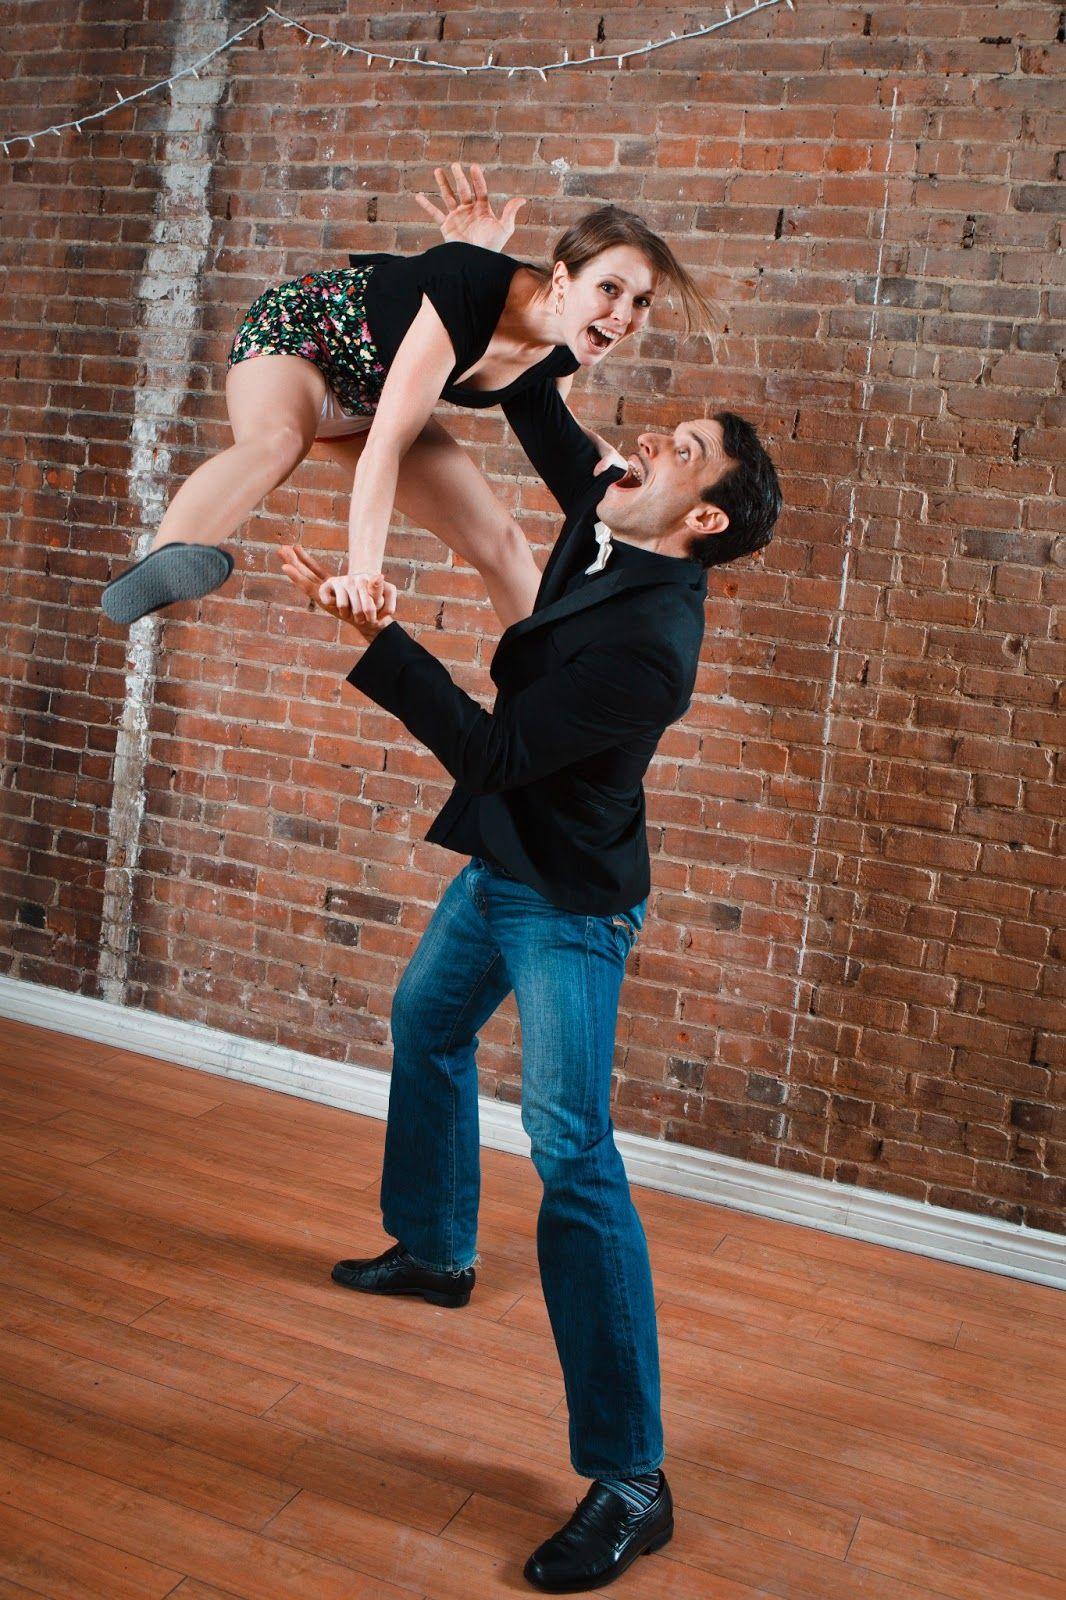 Pingl par cyrielle sur swing en 2019 danse swing - Musique danse de salon gratuite ...